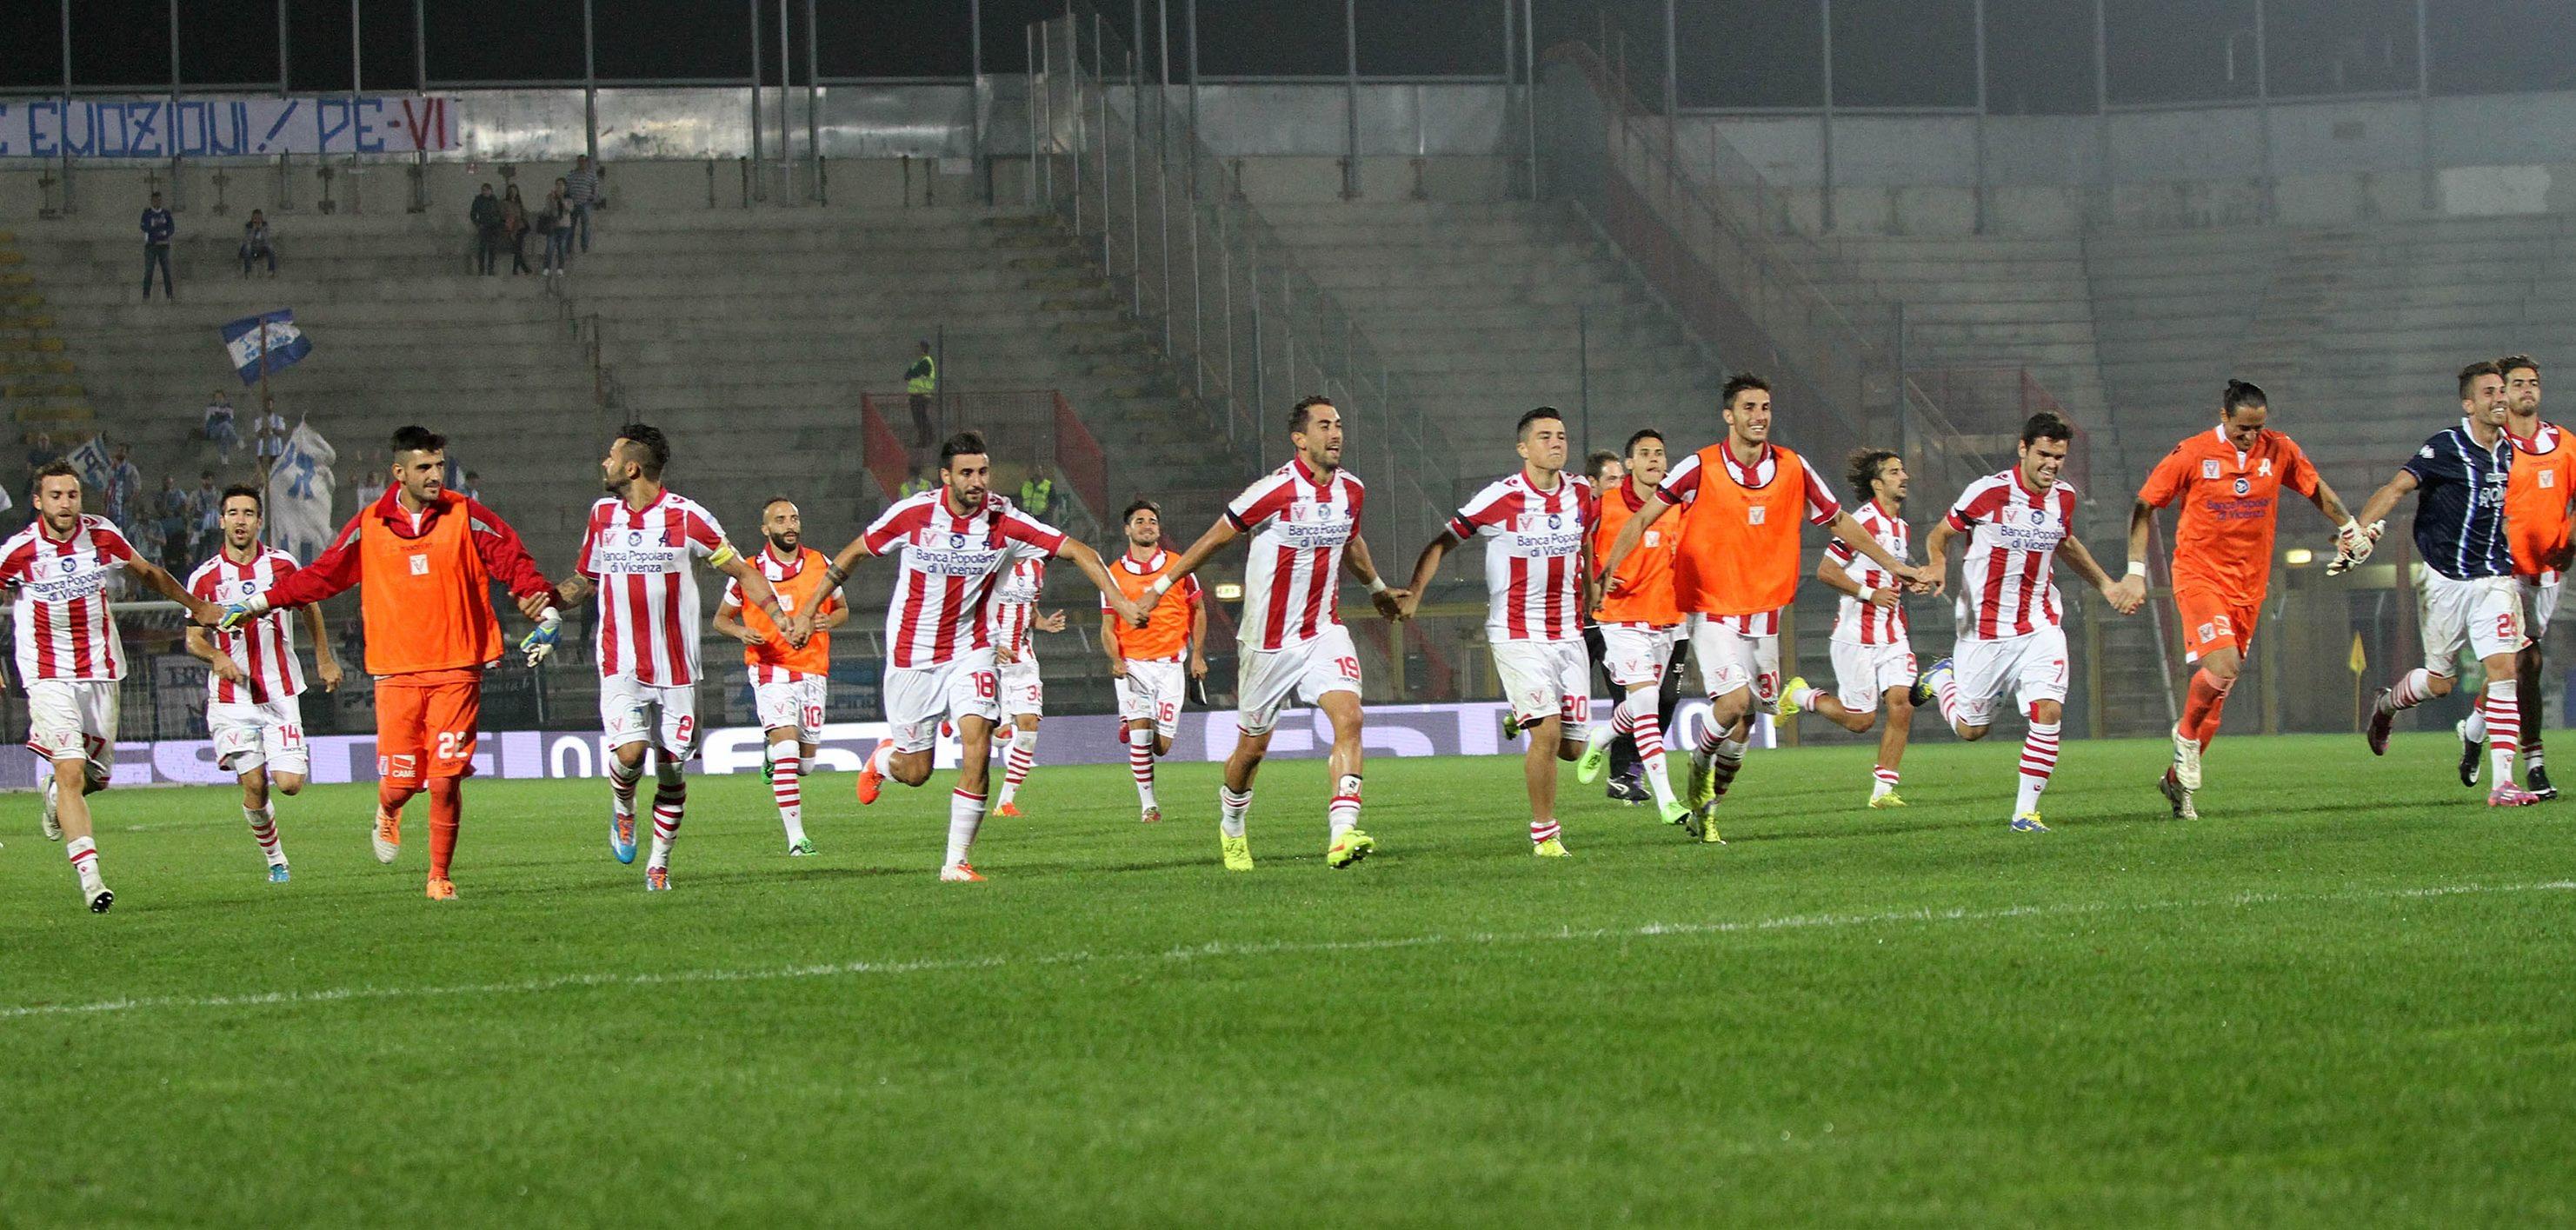 Vicenza batte Cittadella 1-0 e dopo il derby Veneto vola al secondo posto